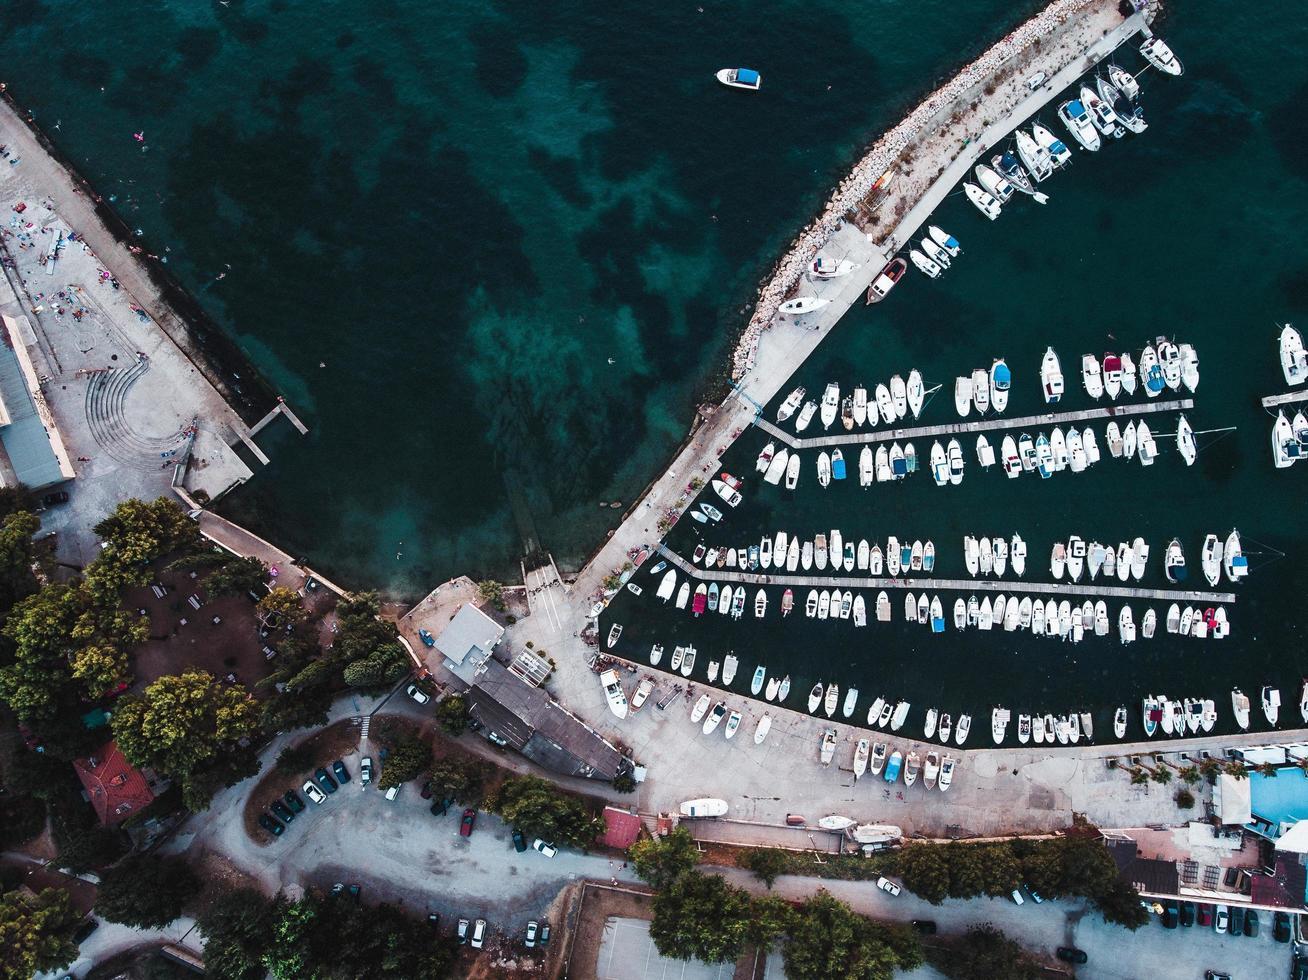 vue aérienne d'un quai de bateau photo